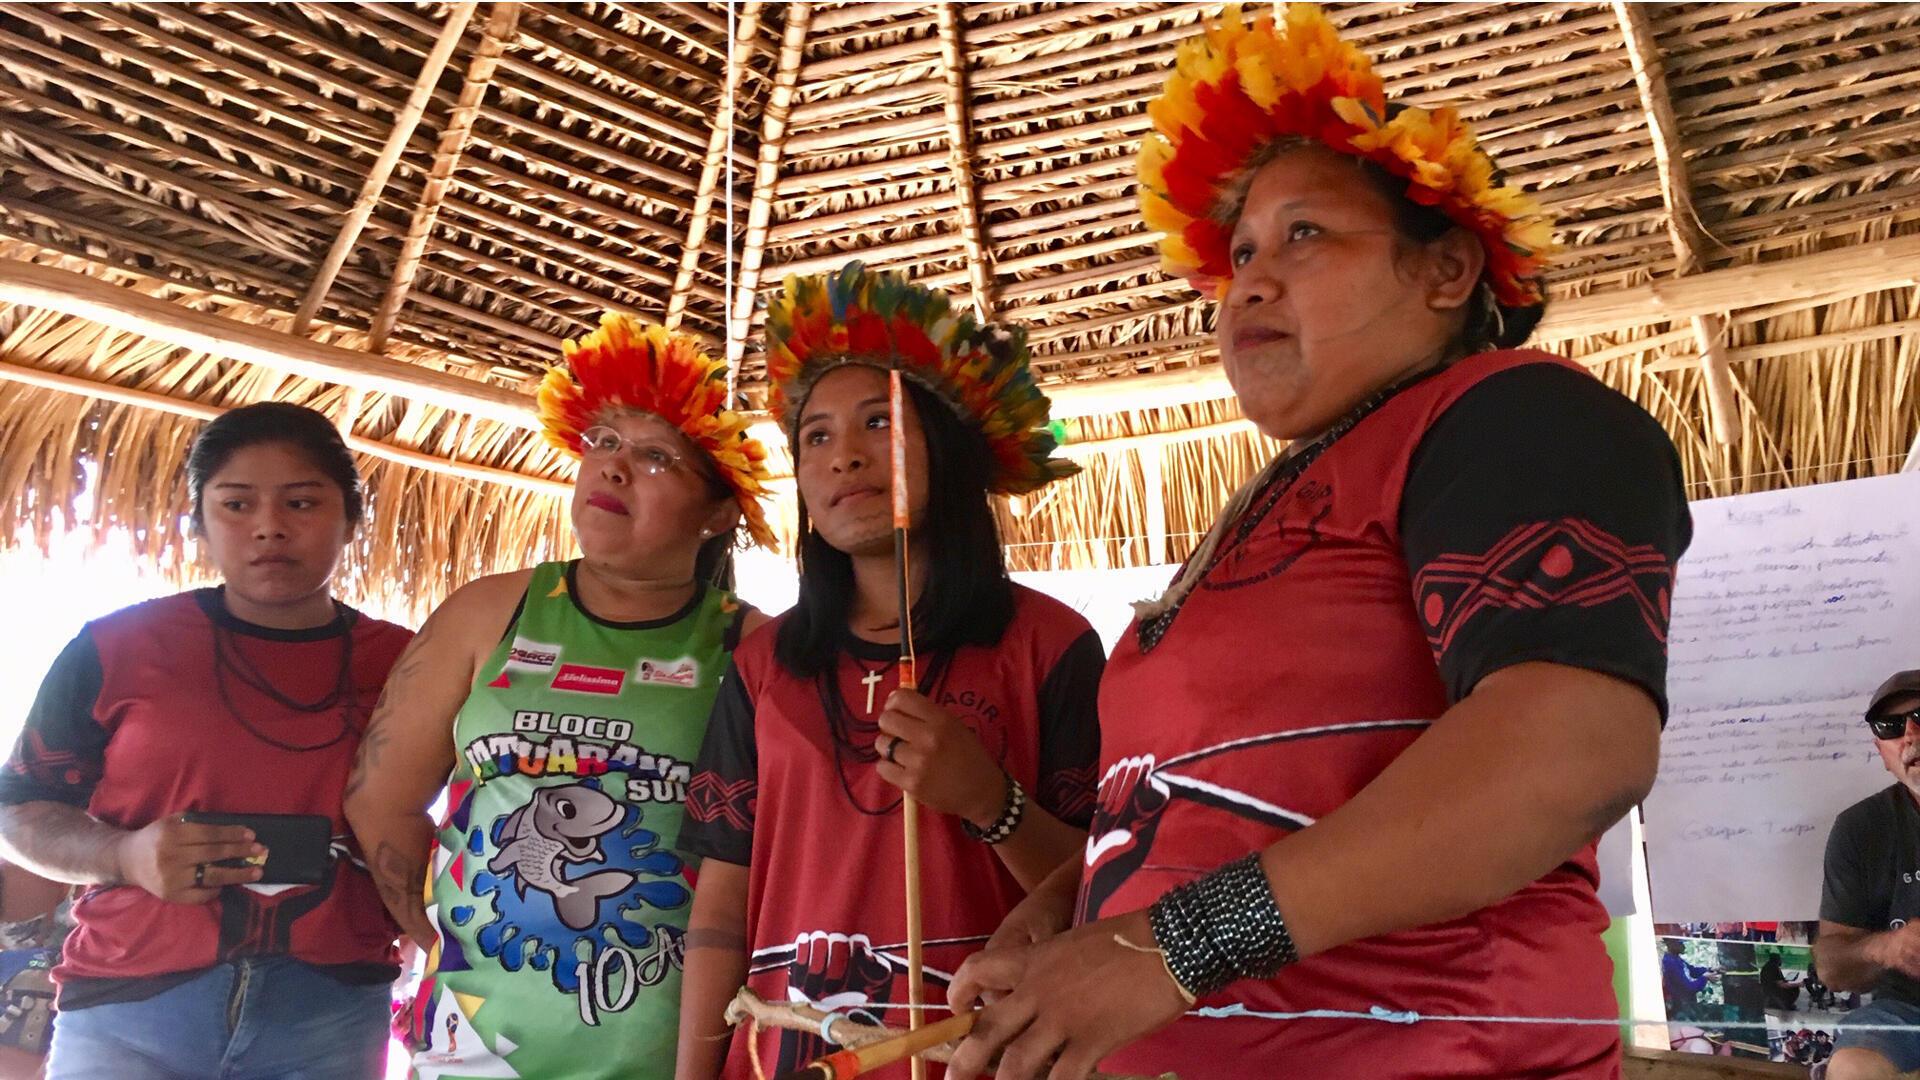 Des guerrières indigènes.